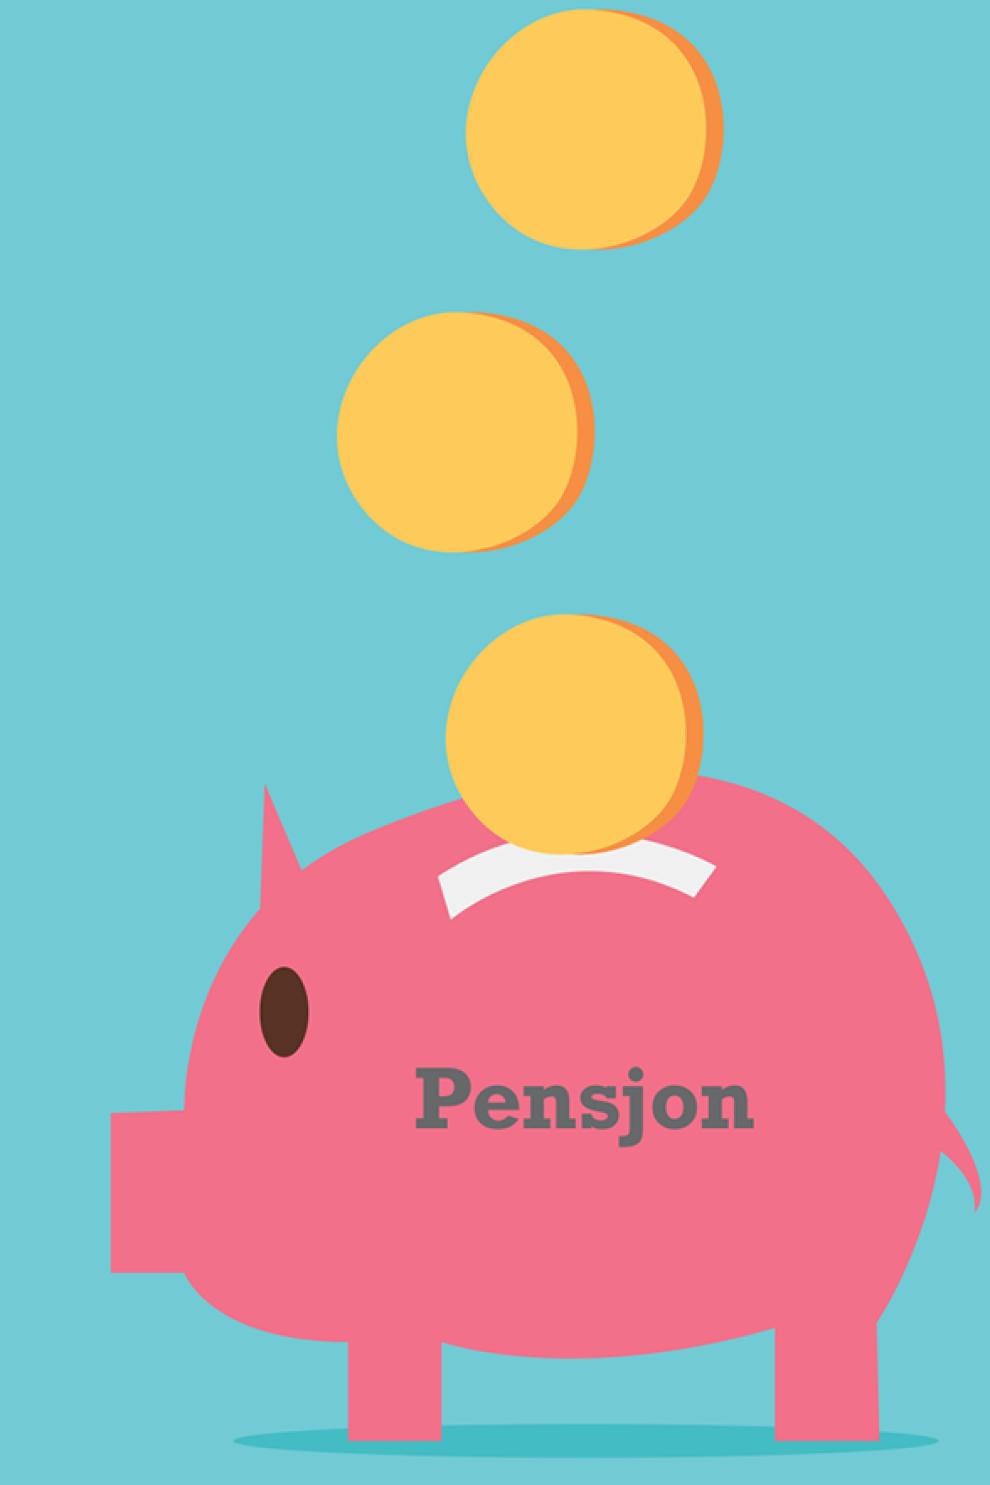 Sjefen sparer for deg. I Norge er alle arbeidsgivere, med noen få unntak, pålagt å sette av penger til din tjenestepensjon.